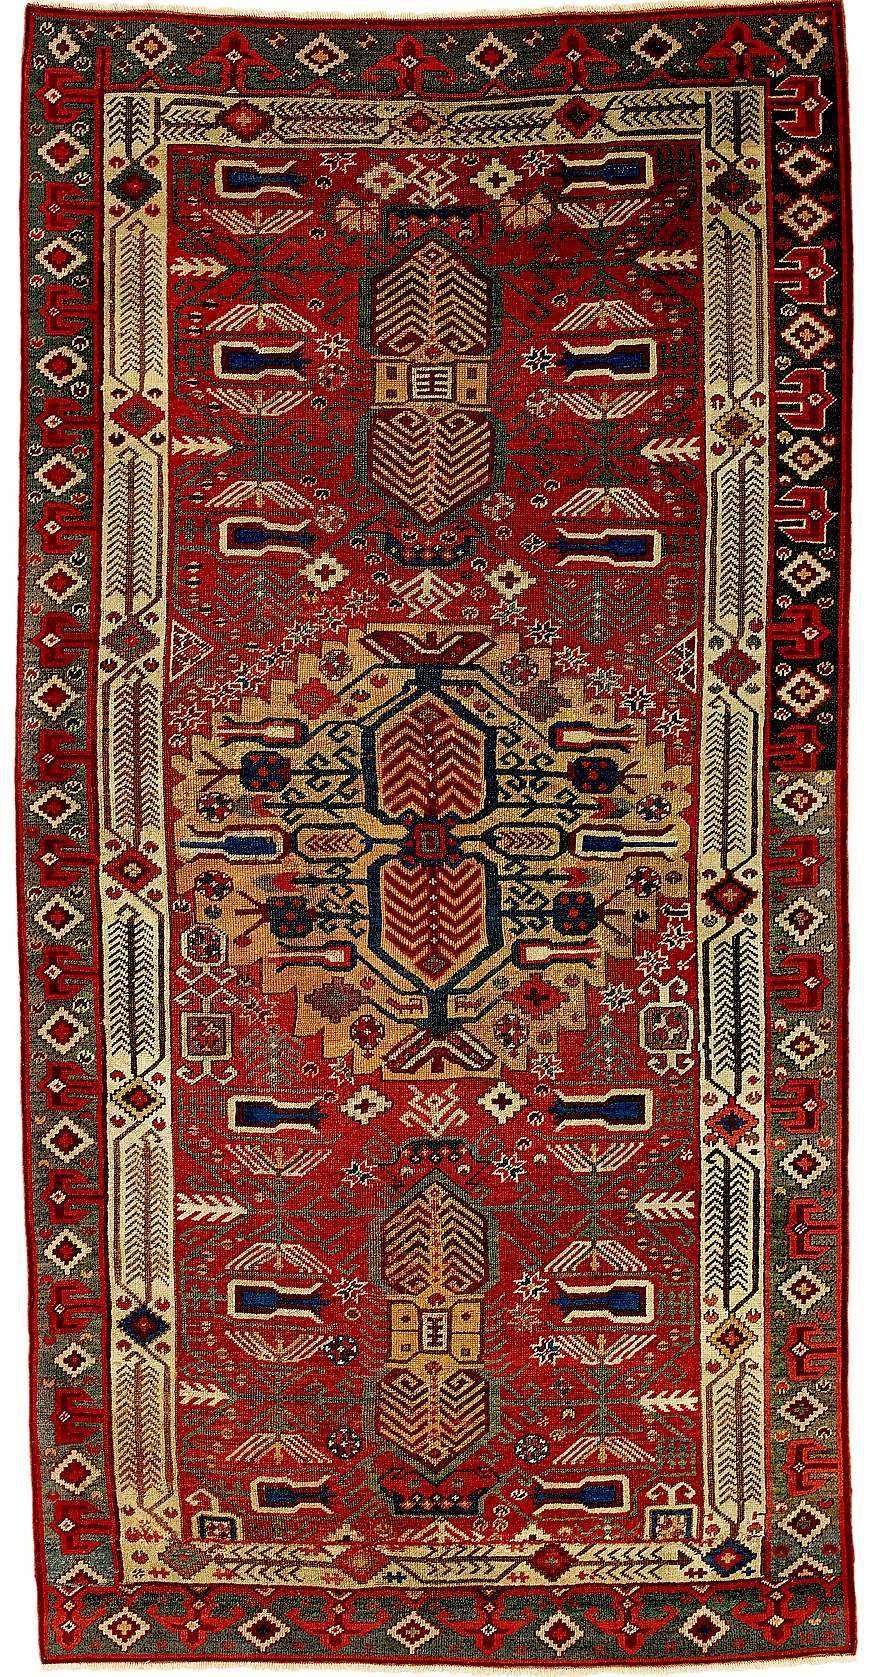 Oriental Carpets Turkish Rugs Karapinar Carpet Fragment